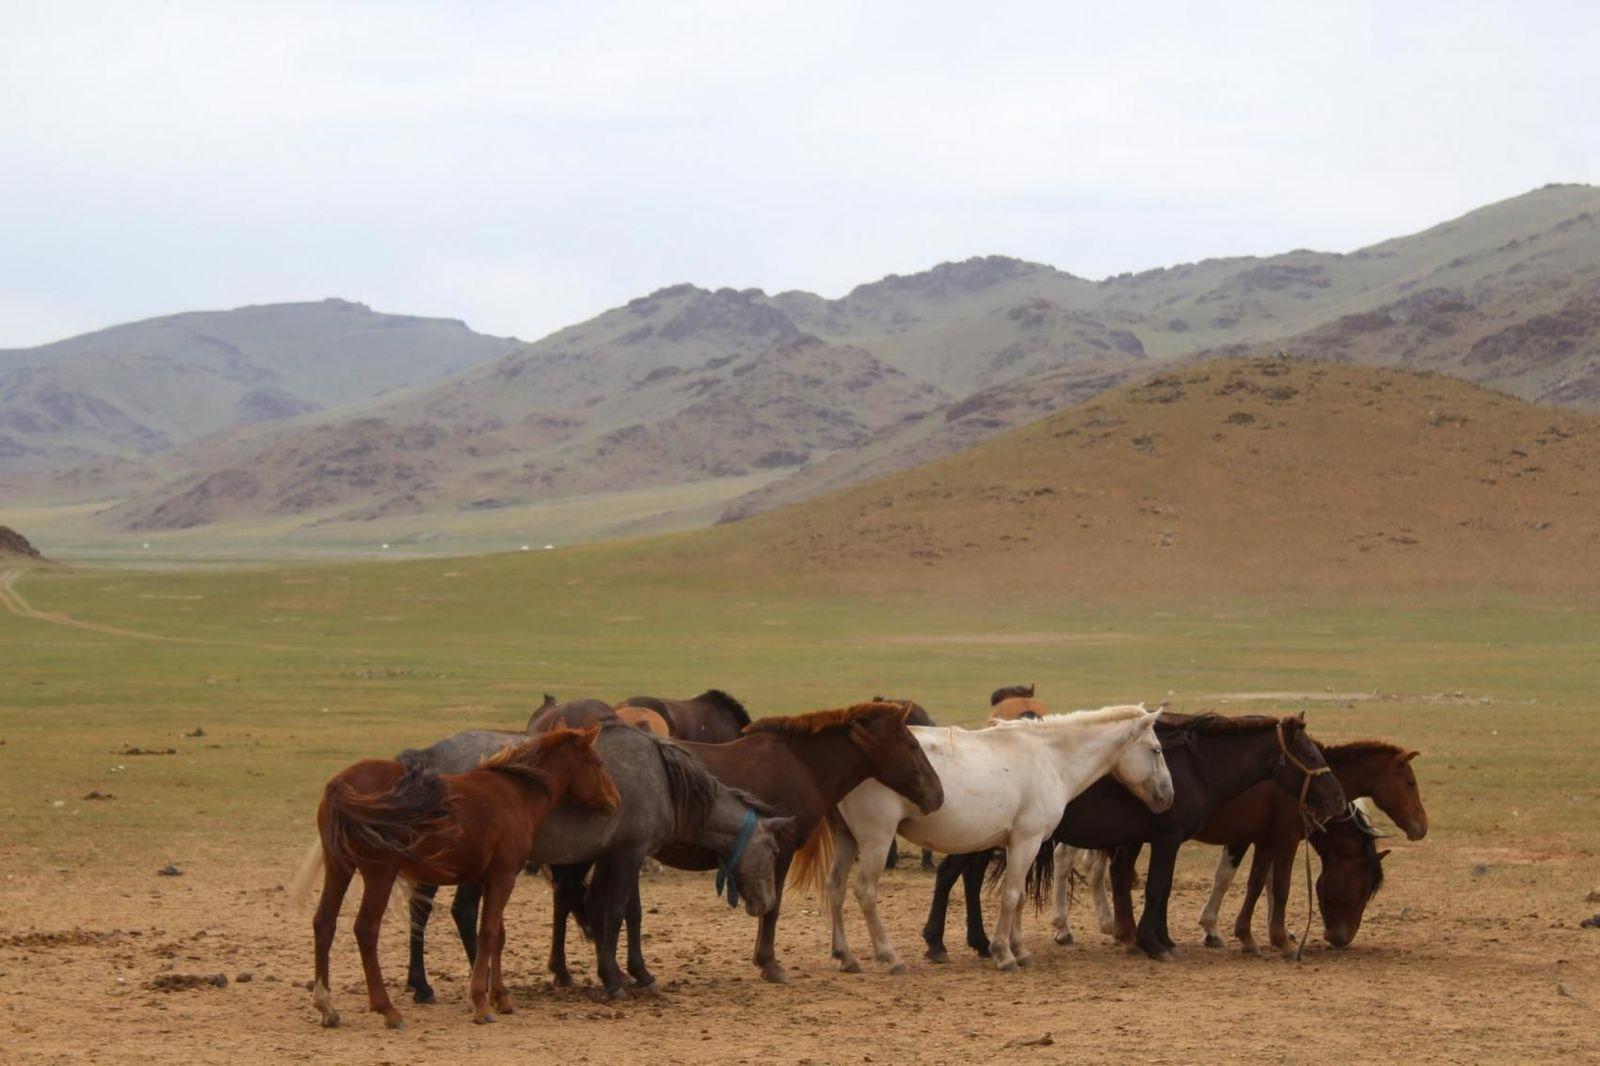 SPERRFRIST 2. JULI 21:00 UHR / Pferde